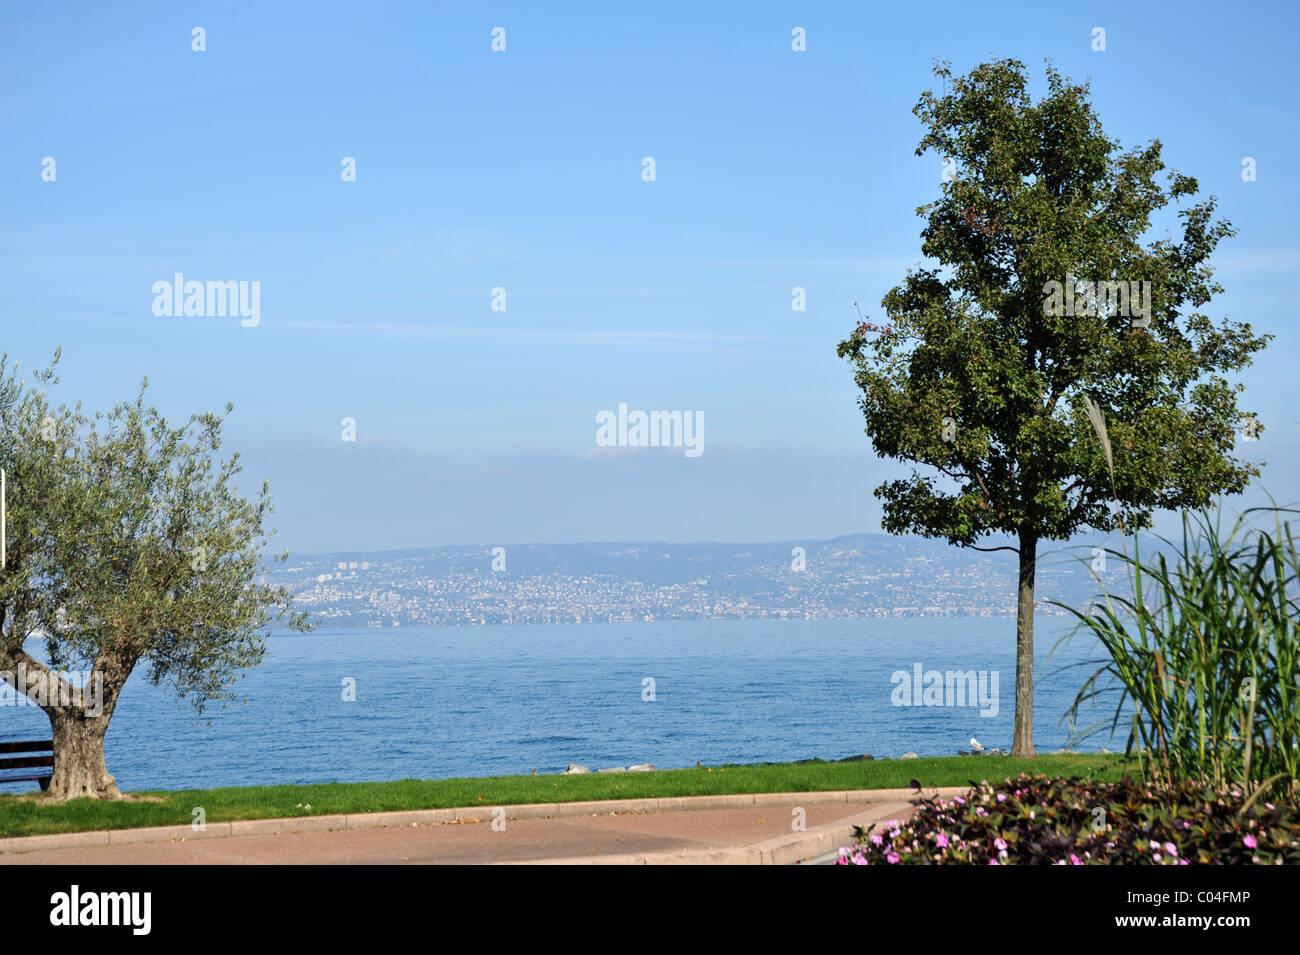 Lake Geneva at Evian-les-Bains, France - Stock Image